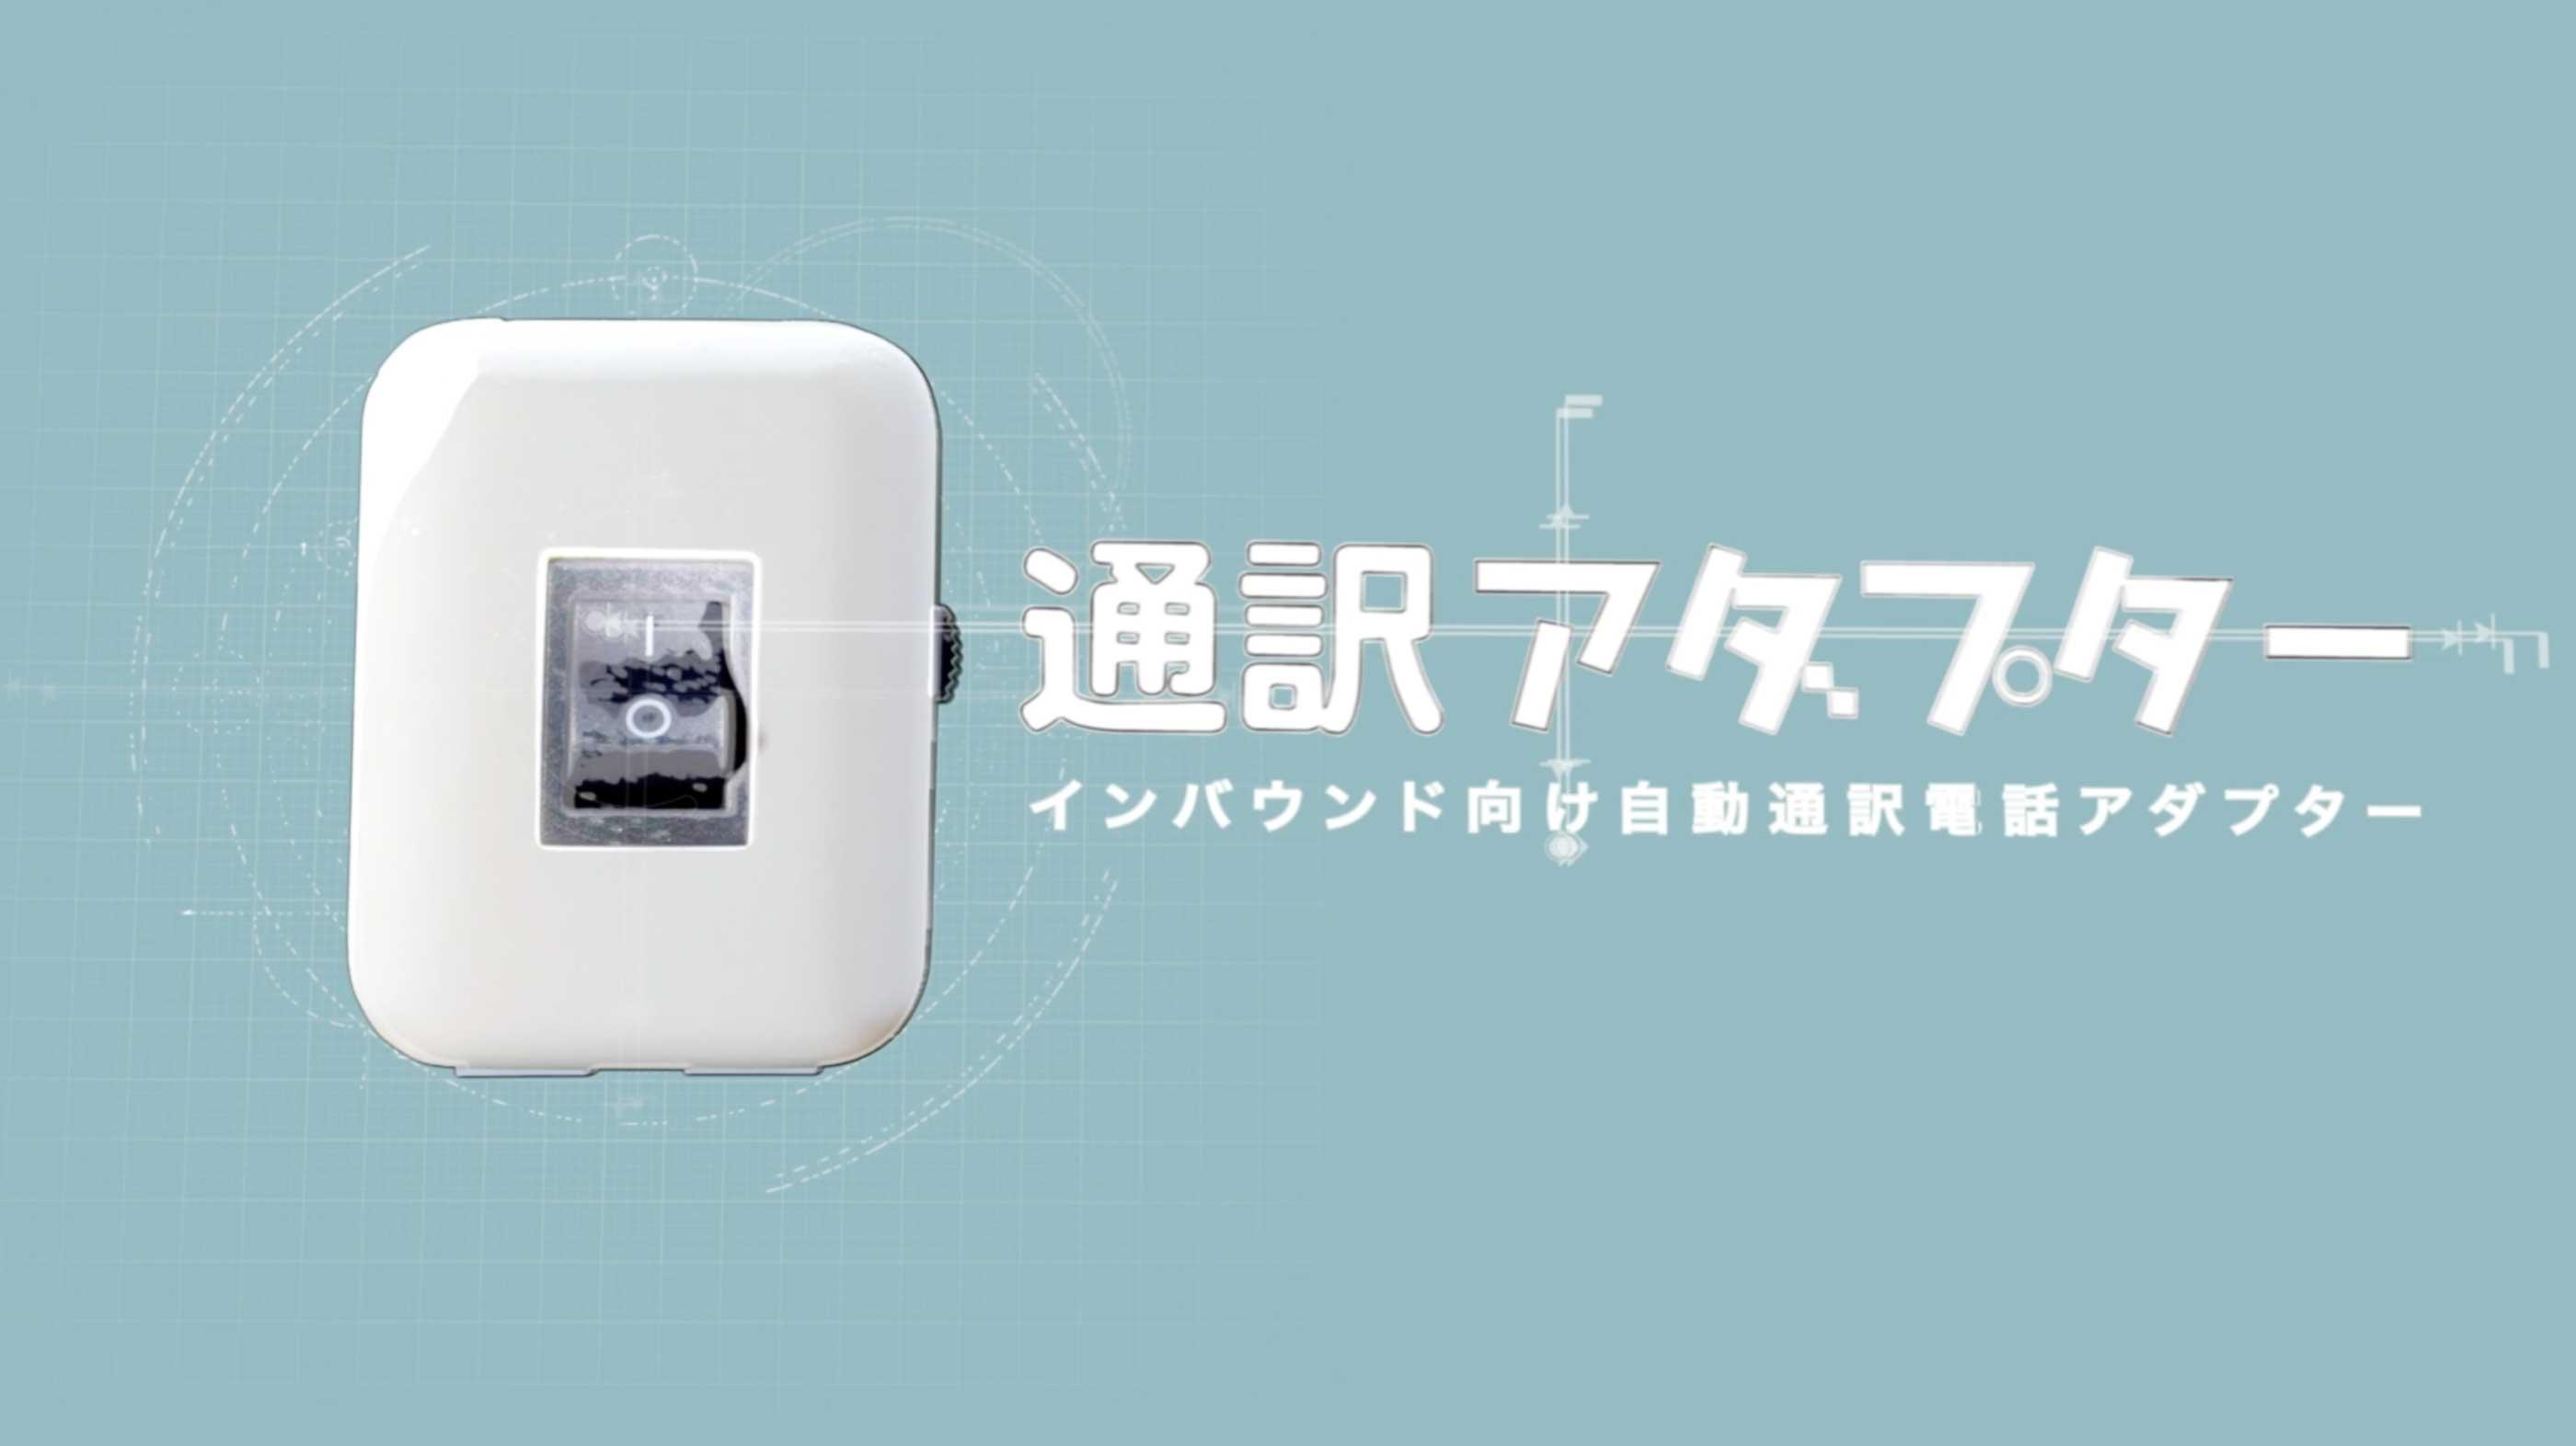 (有)パッケージングテクノロジー「通訳アダプター PV」の制作デザインイメージ